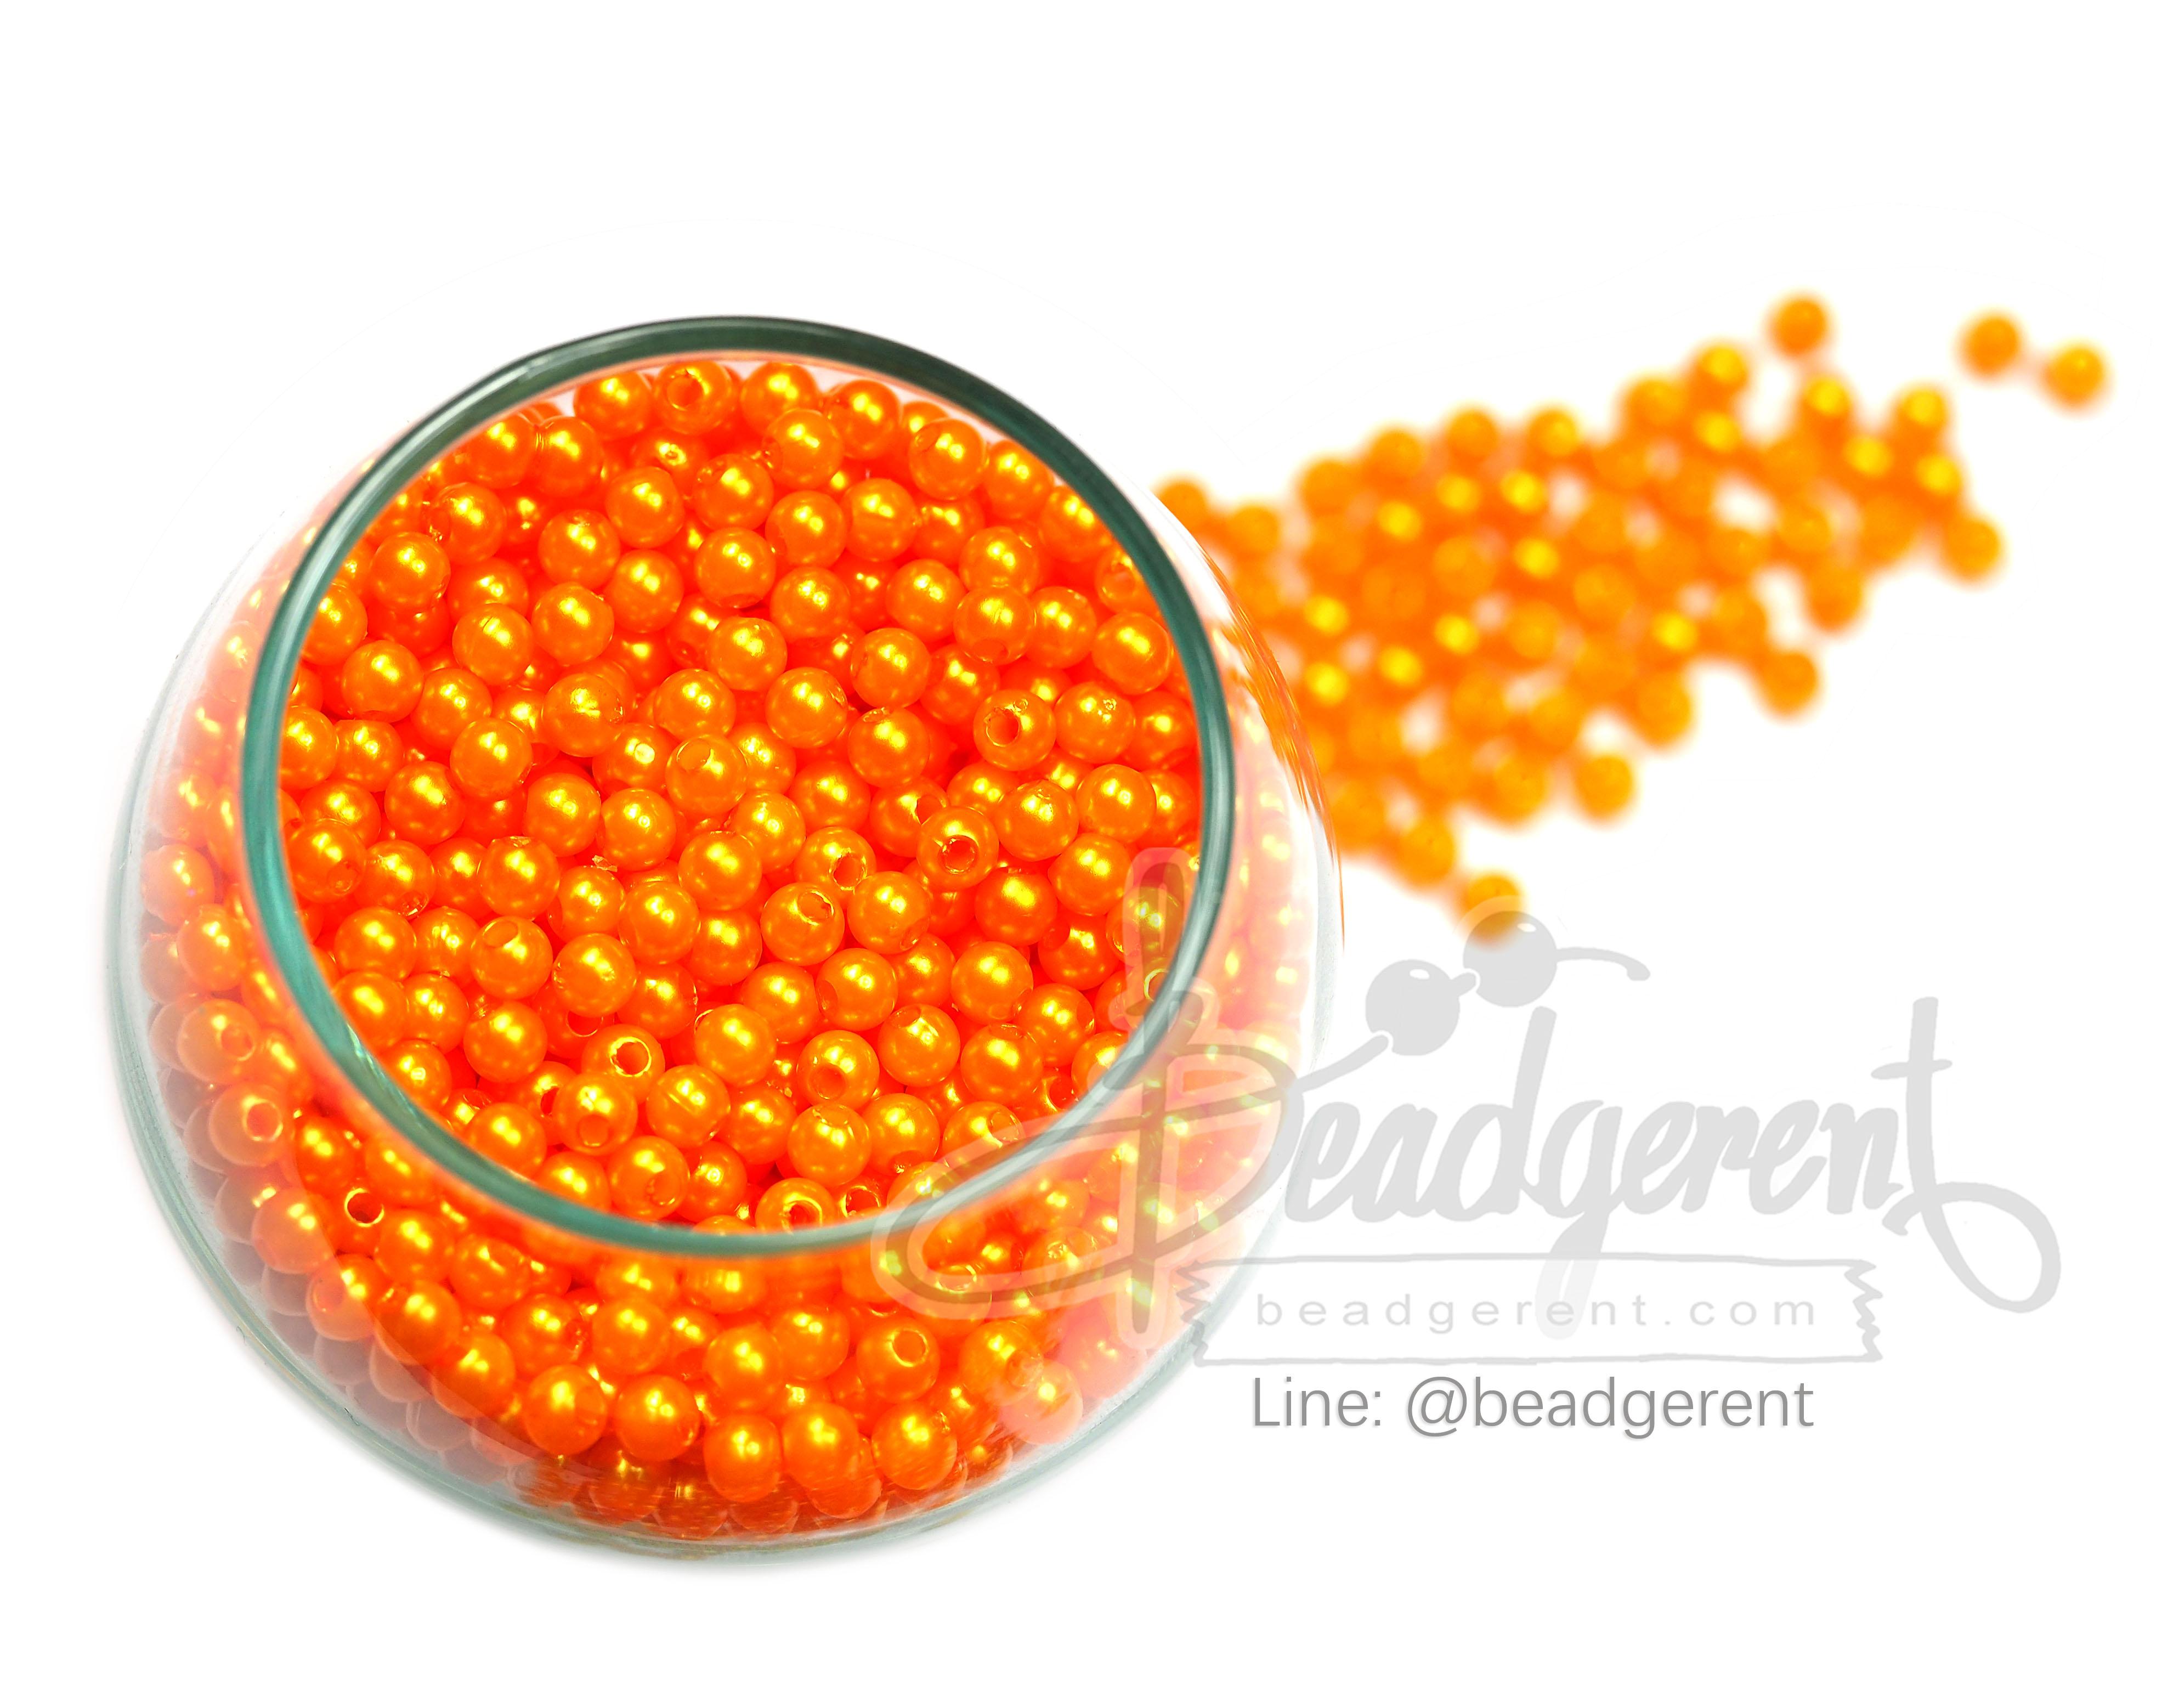 ลูกปัดมุกพลาสติก 4มิล สีส้ม (15 กรัม)